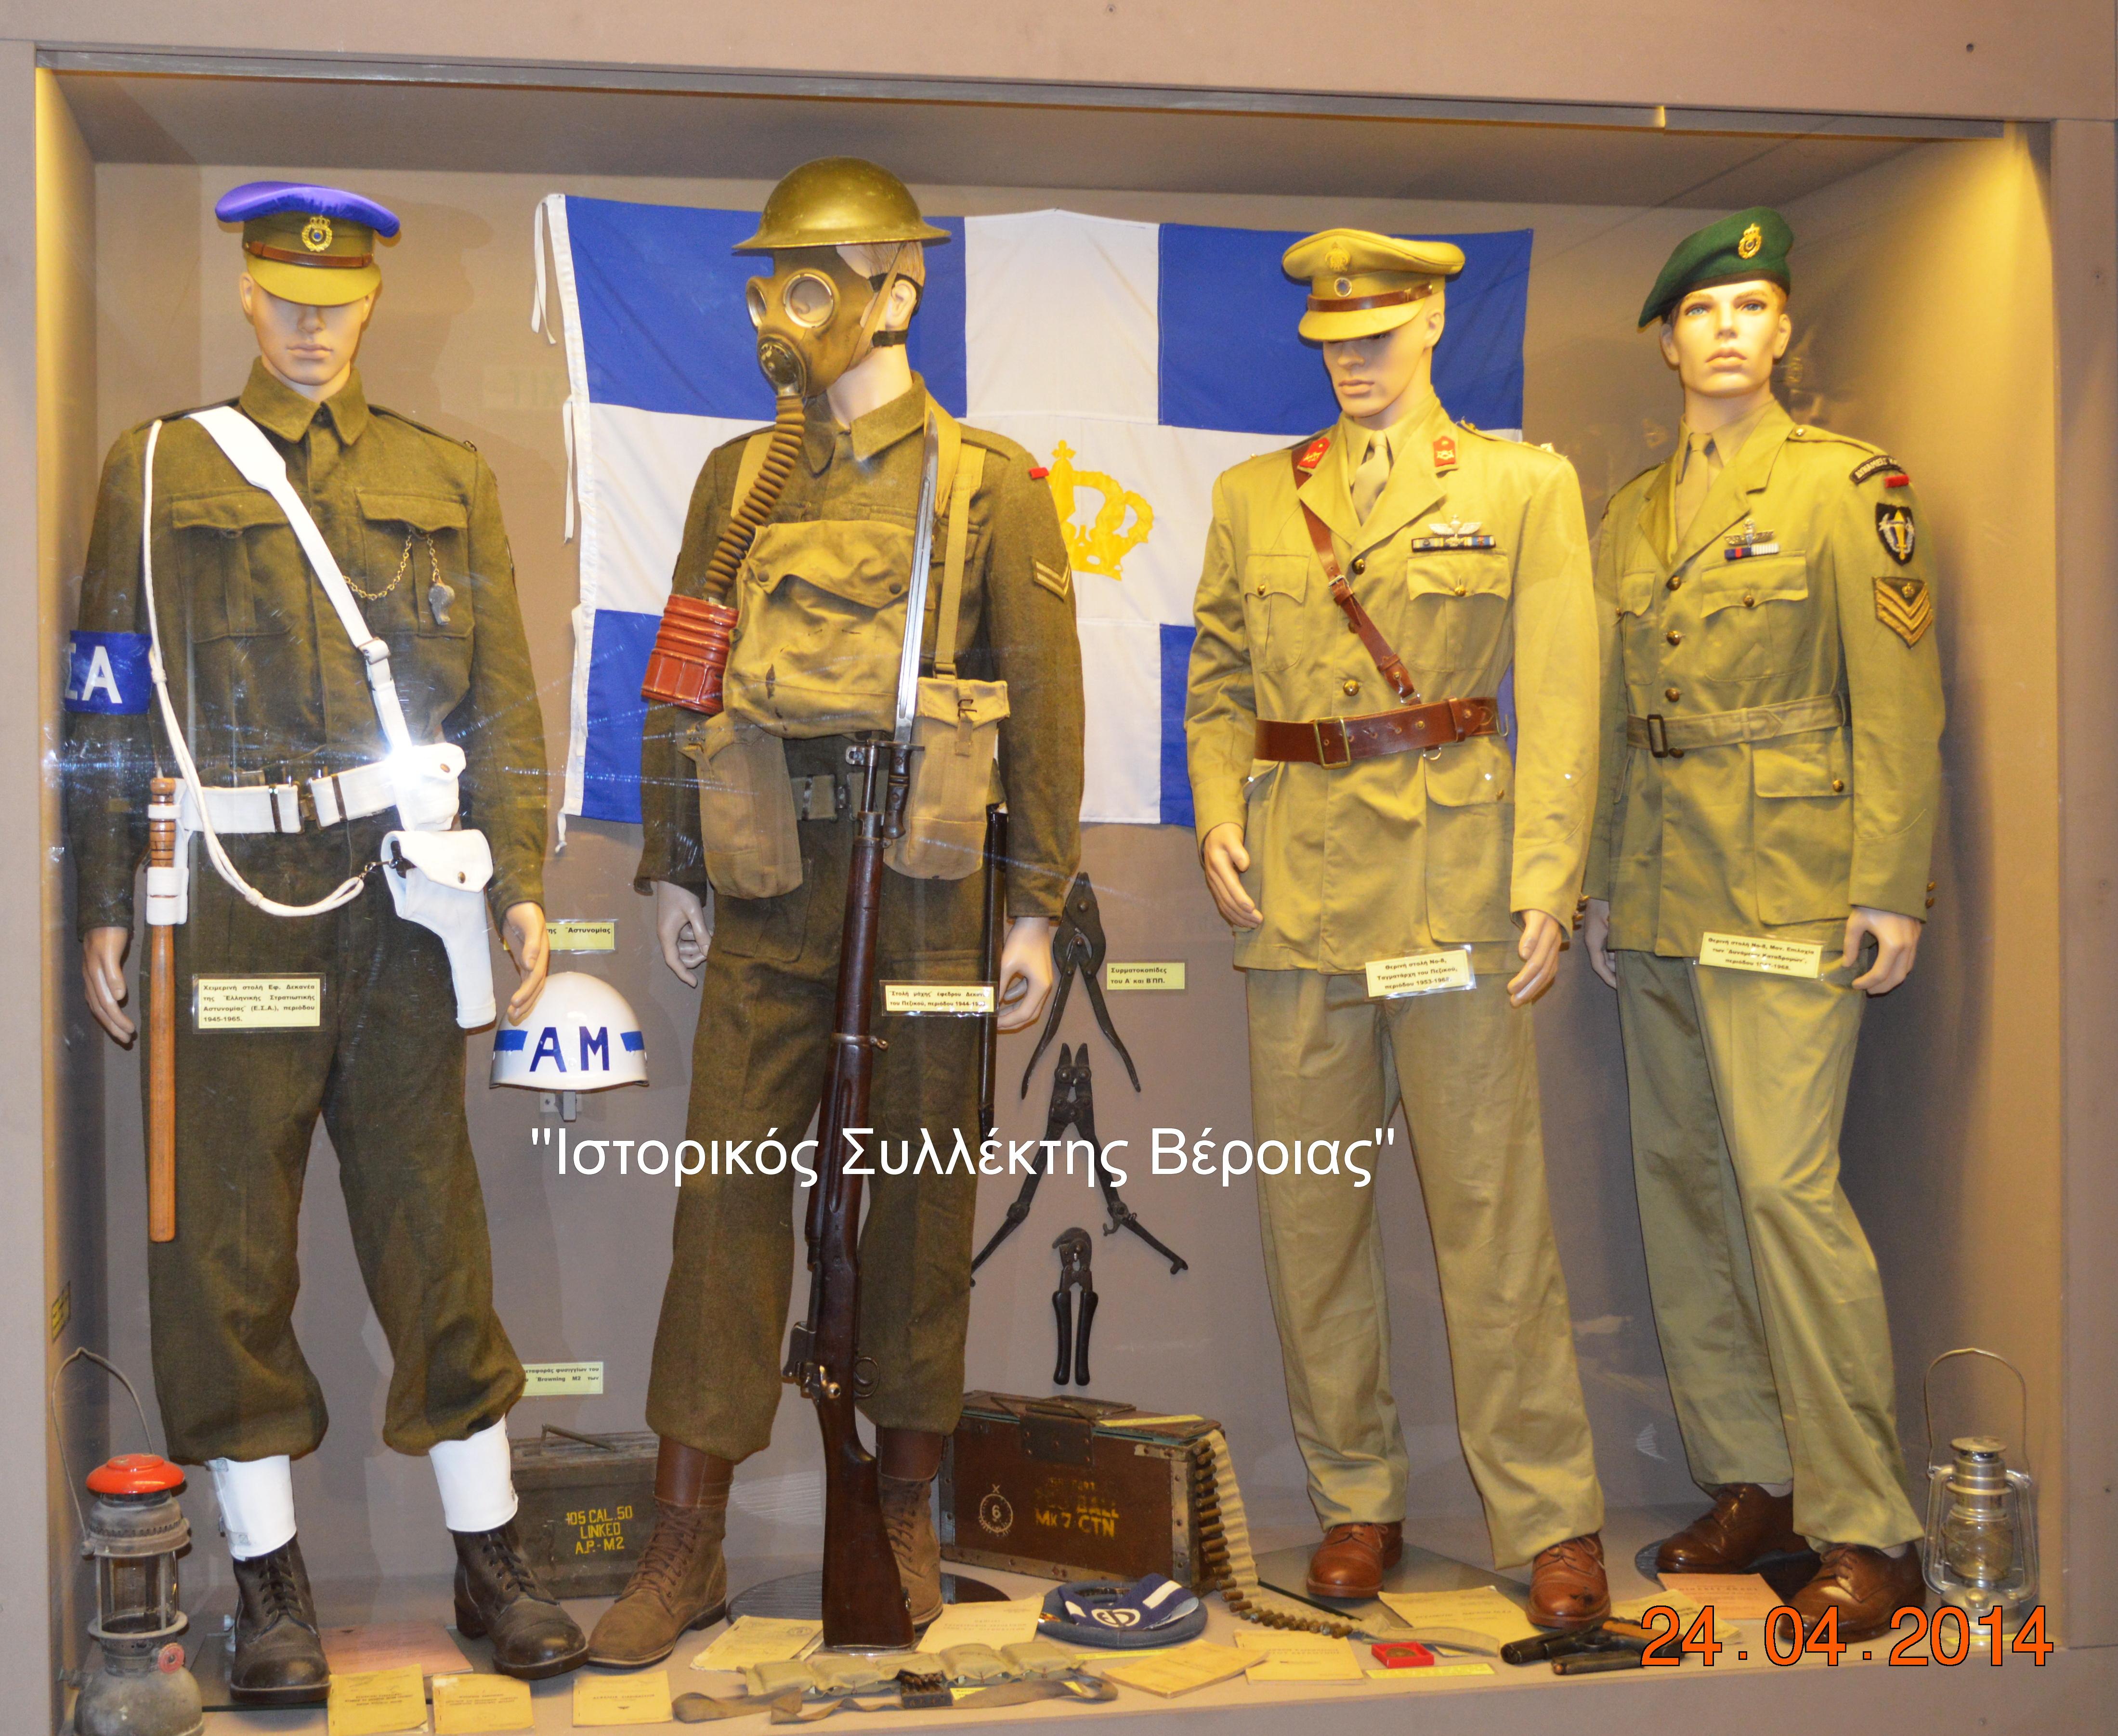 Μερική άποψη βιτρίνας από το ''Βλαχογιάννειο'' μουσείο, όπου περιέχει στολές του Ελληνικού Στρατού από το 1945 έως το 1968